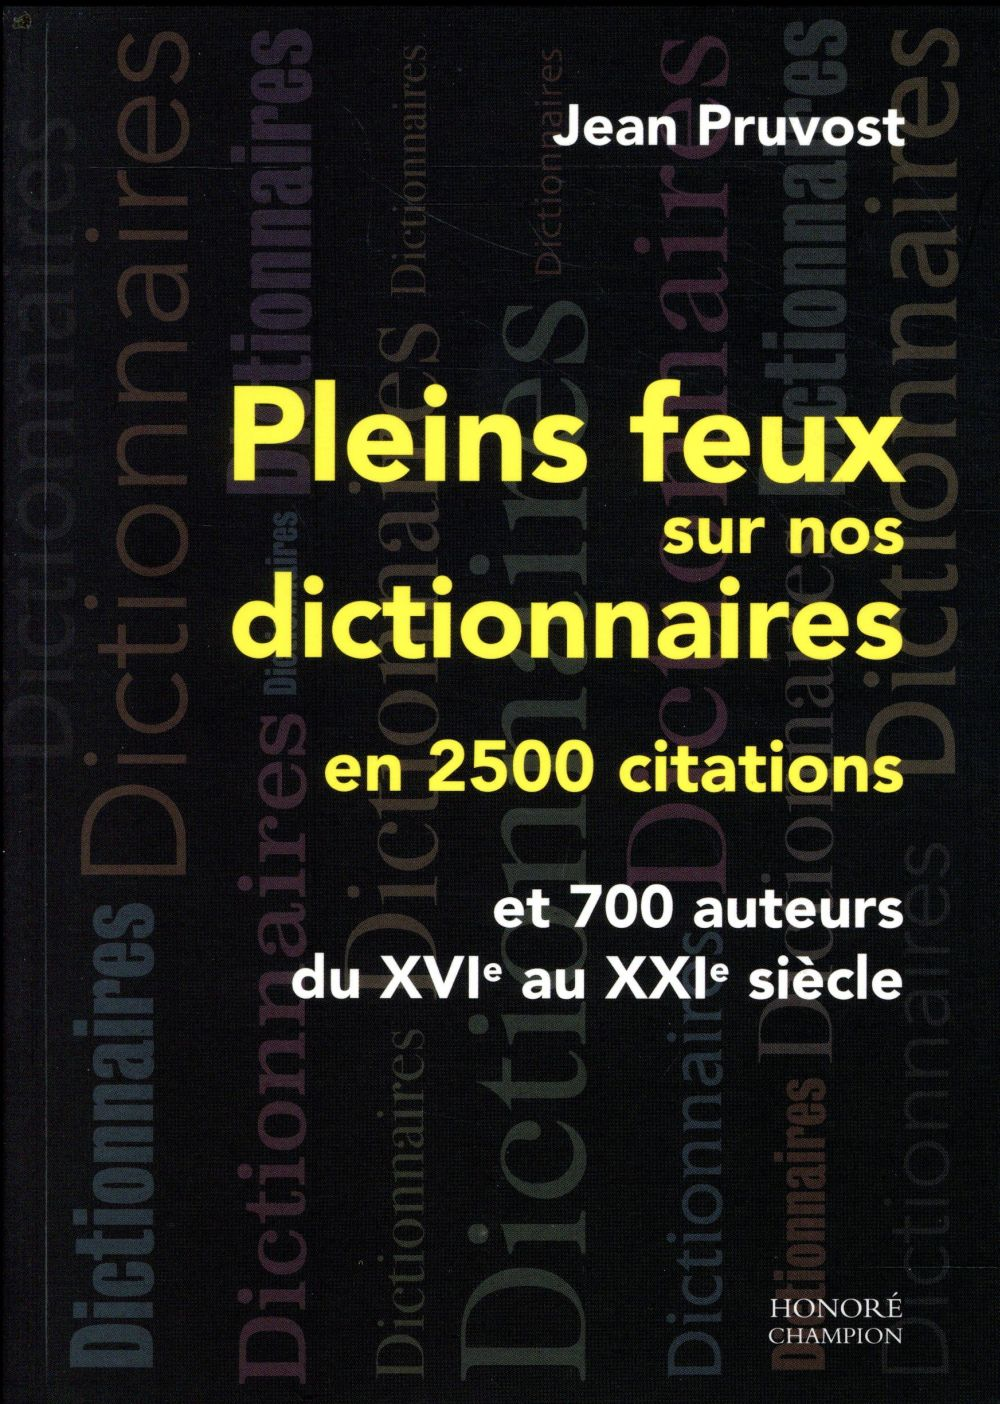 Pleins feux sur nos dictionnaires